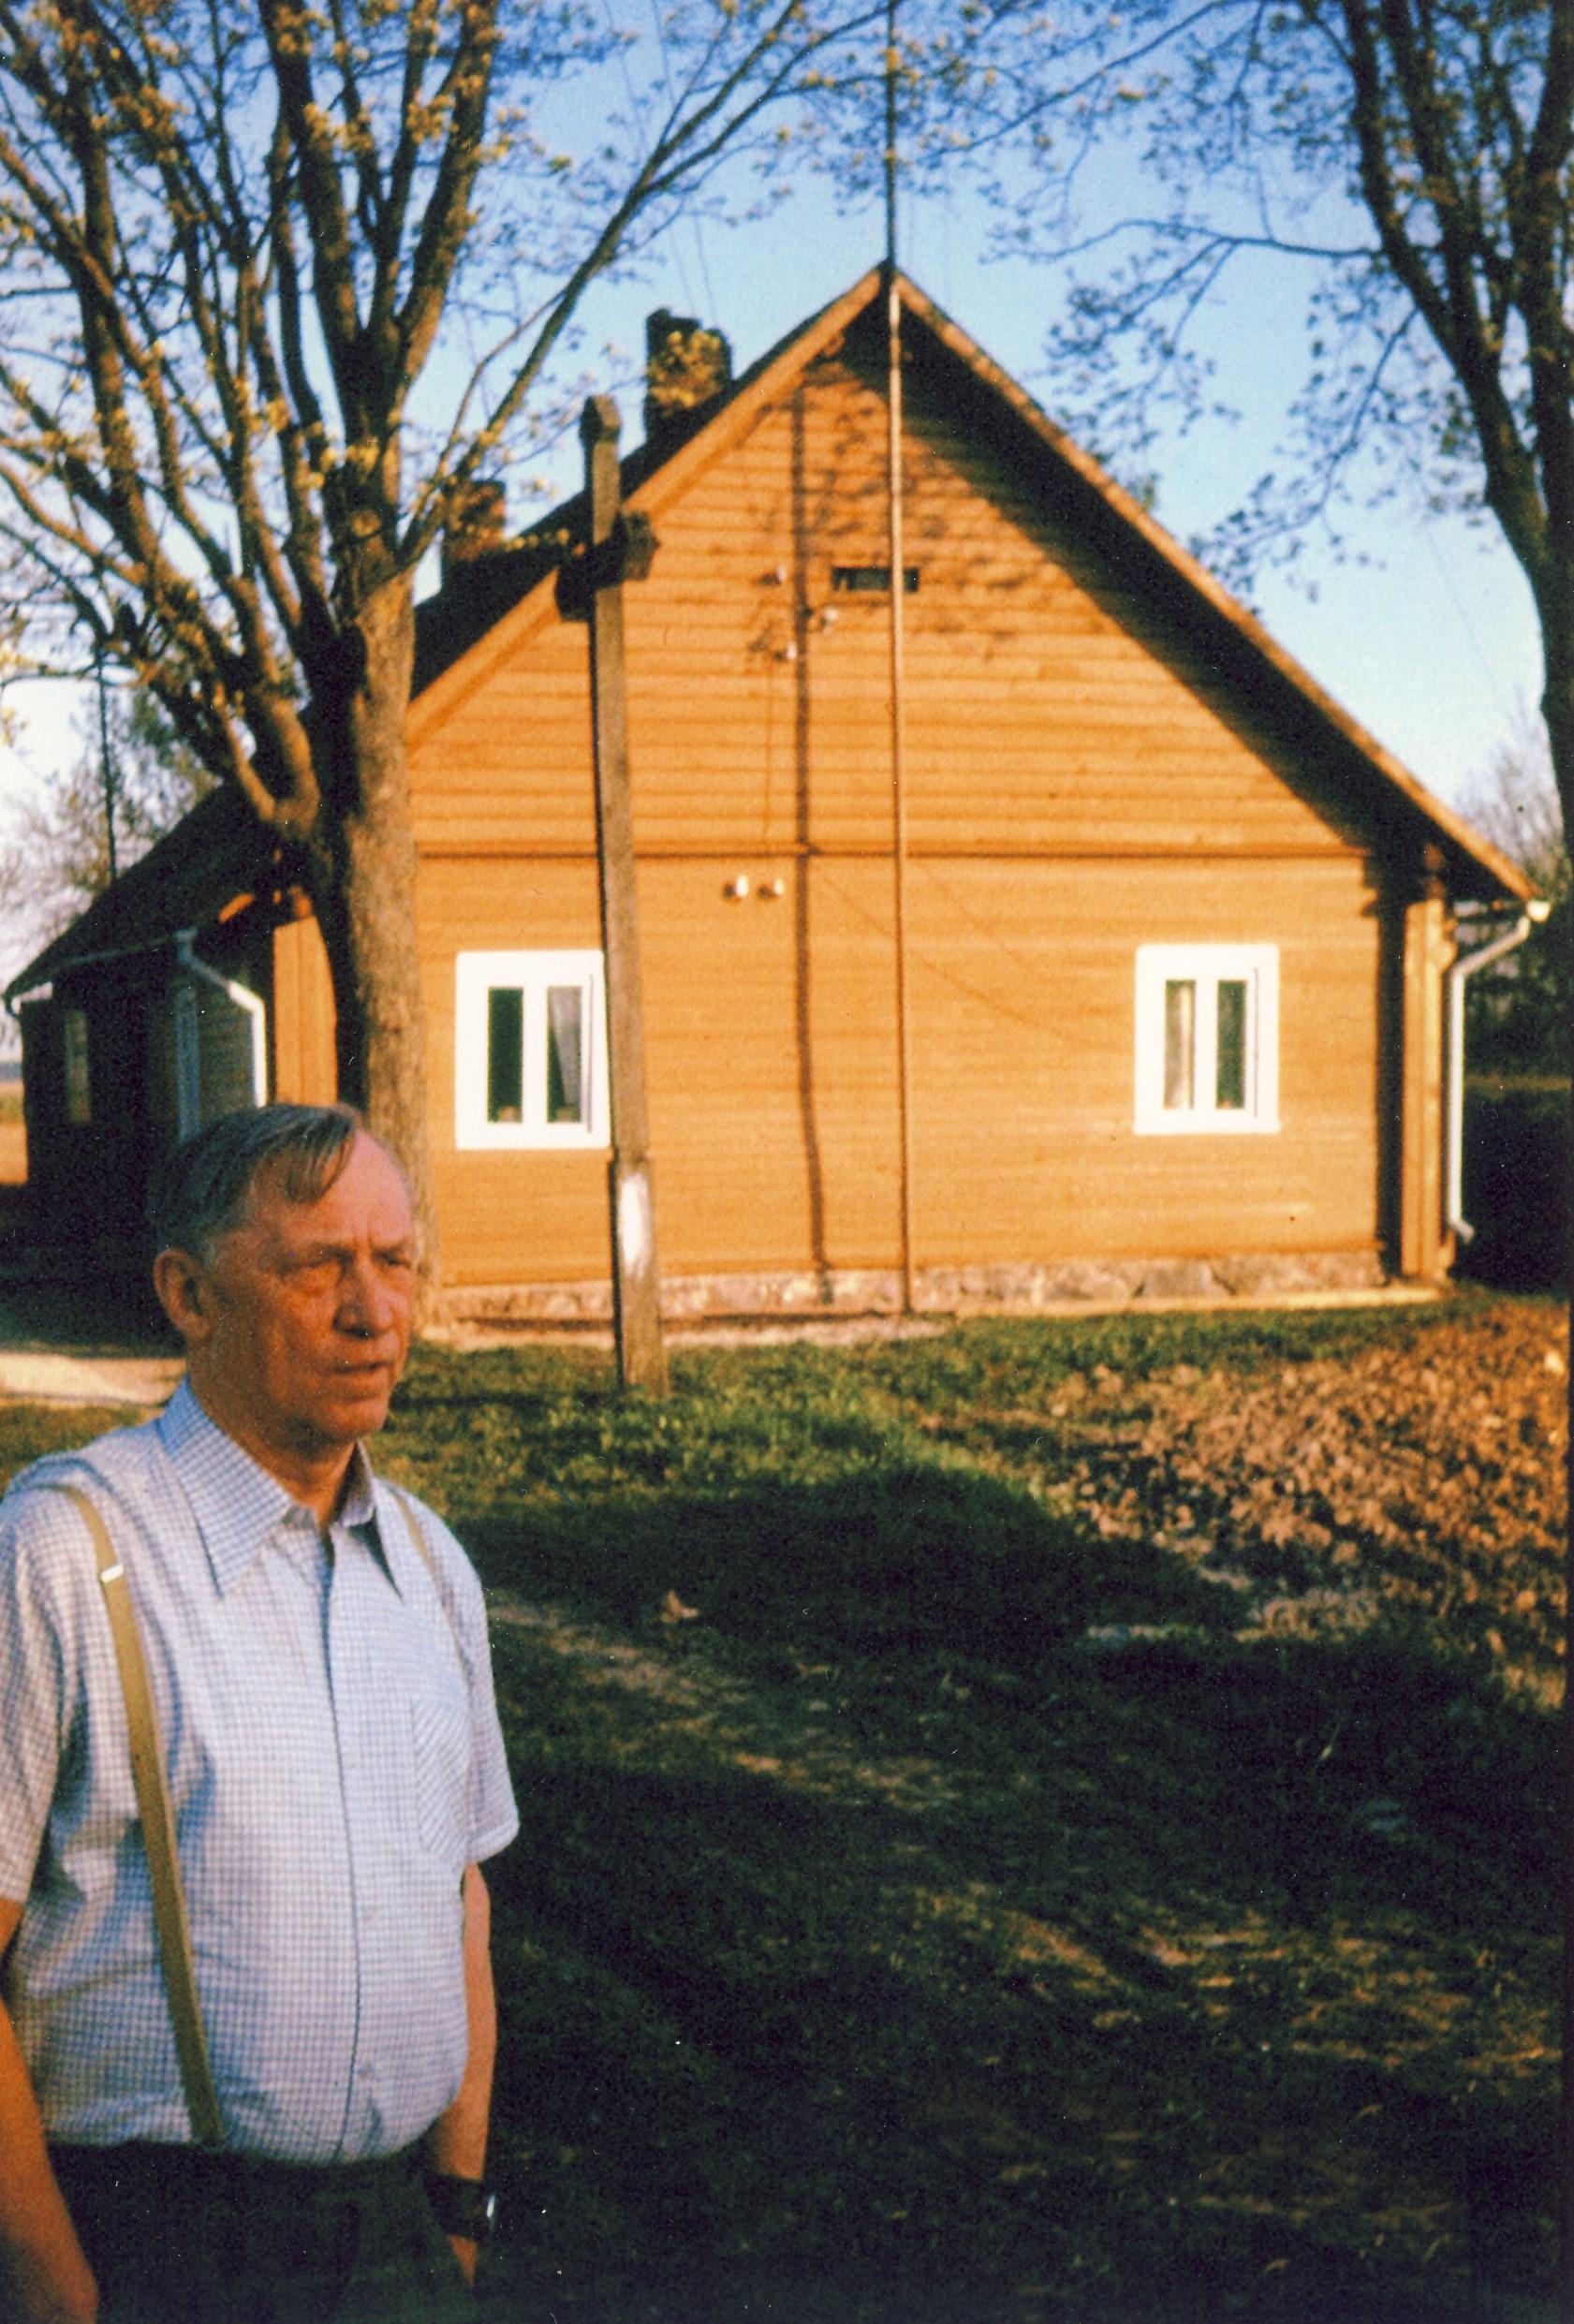 Profesorius, agronomas Petras Vasinauskas lankosi Vasinauskų sodyboje, Pasvalio Vienkiemiuose. Gyvenamasis namas buvo renovuotas 1983 m.